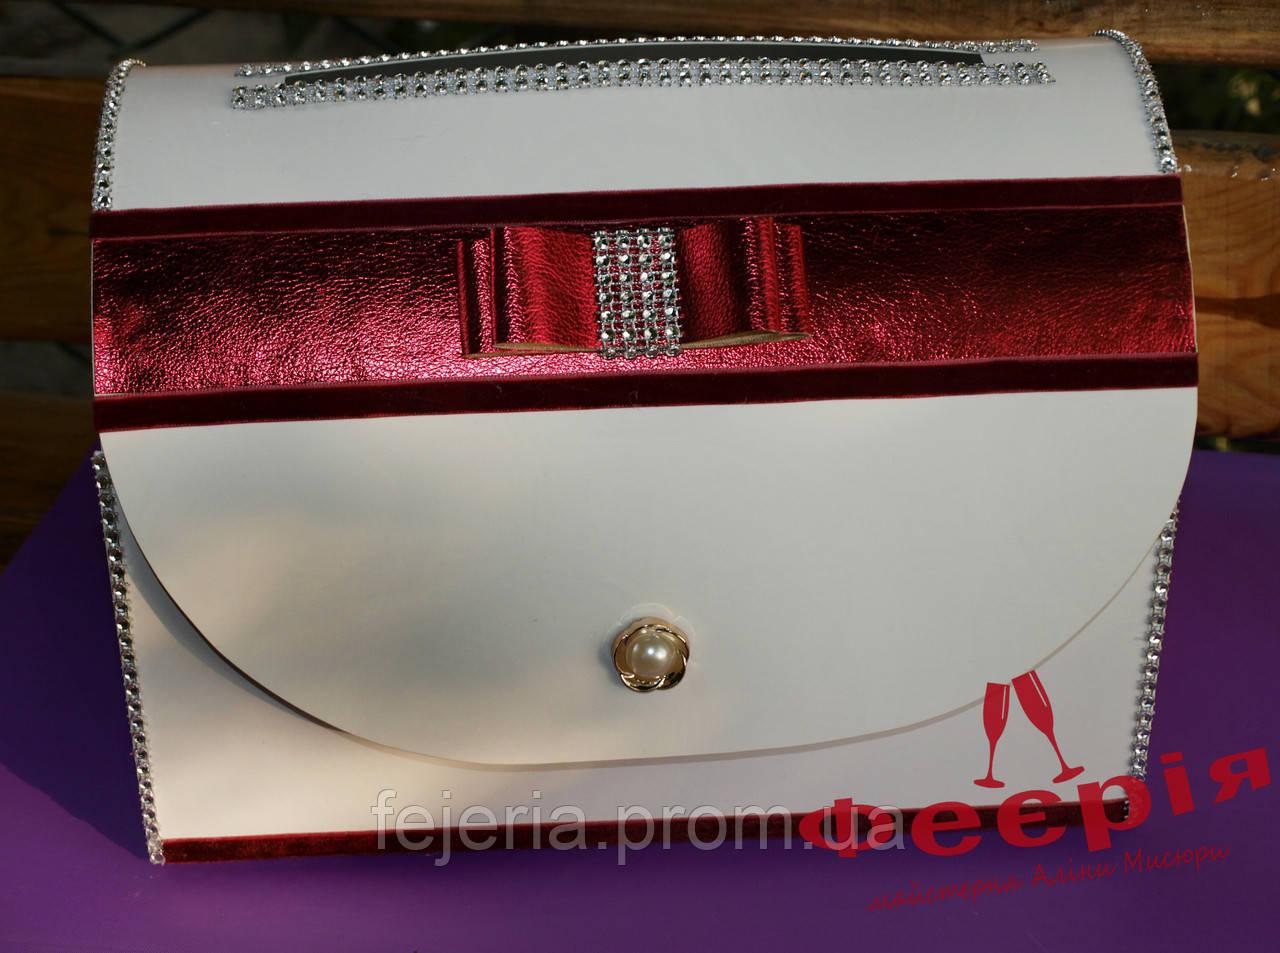 Свадебный сундук казна коробка для денег красная марсала